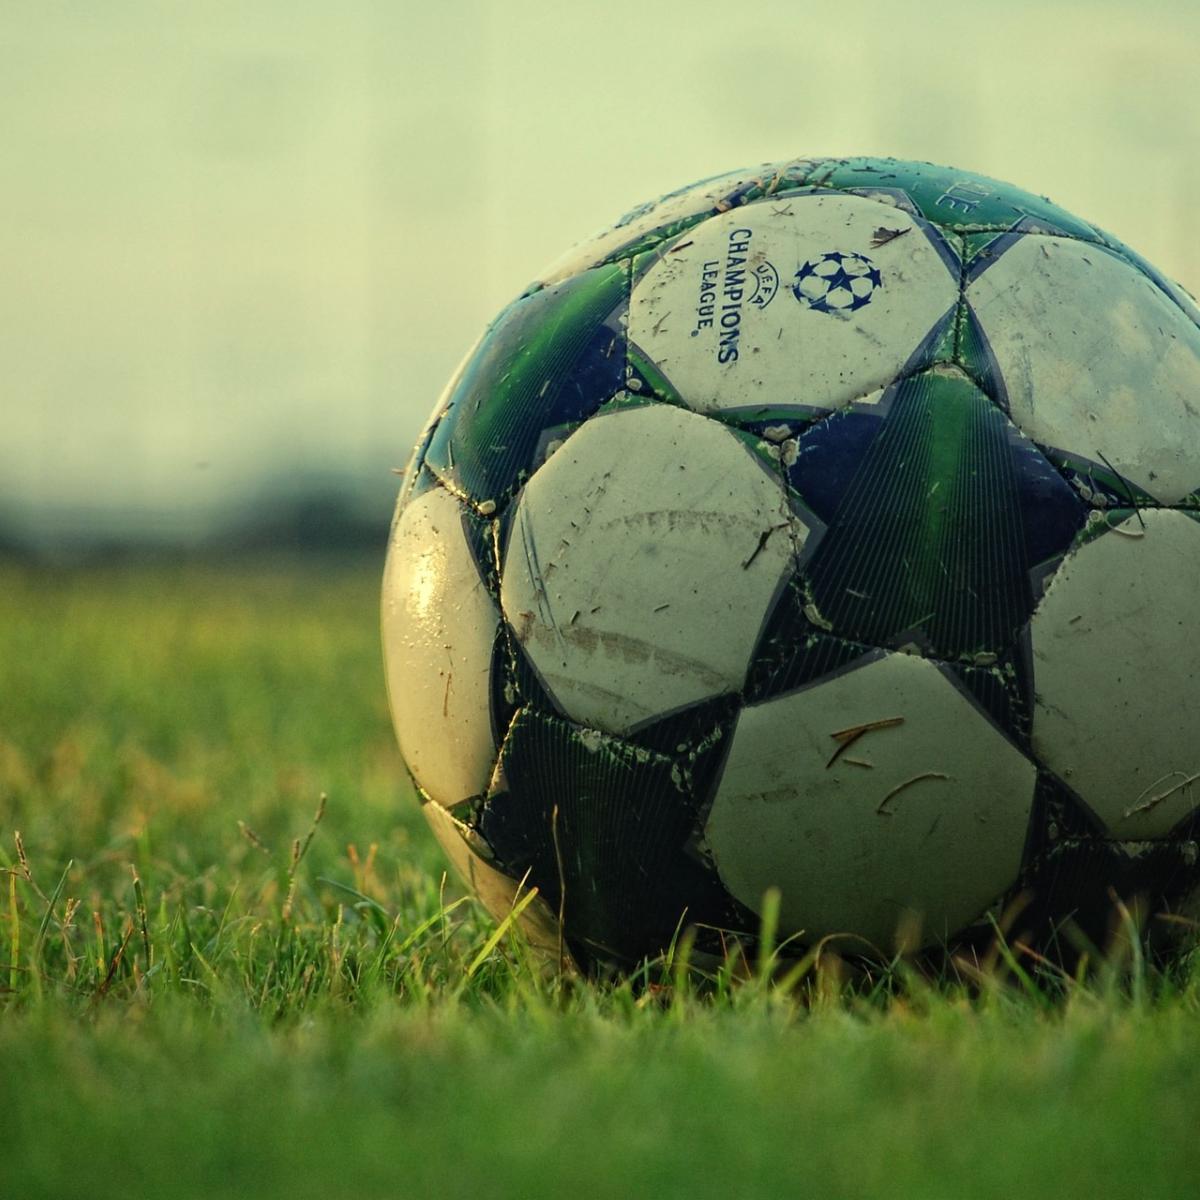 картинки на аву на ютуб футбол хозяева